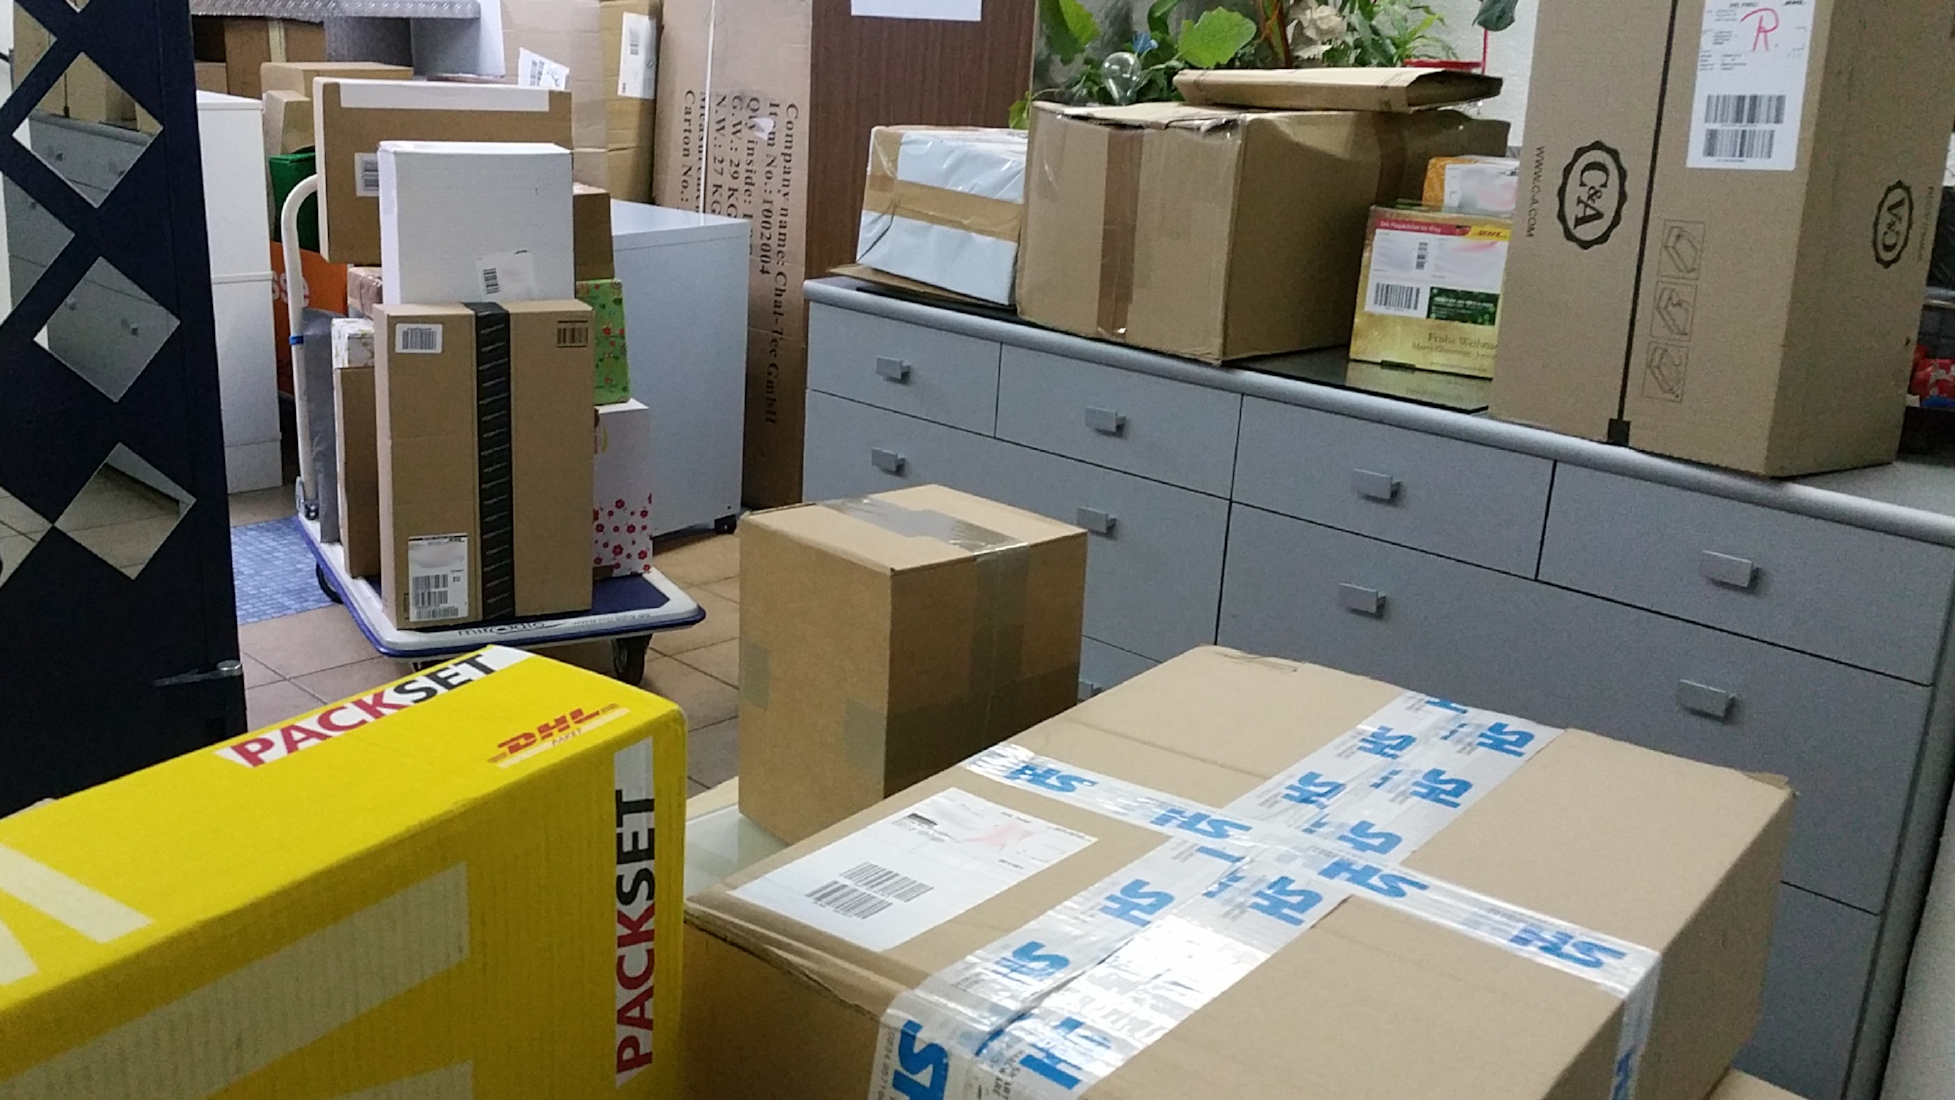 Pakete kommen an, wir sortieren und lagern ein, miradlo-Versanddepot Konstanz, die Lieferadresse